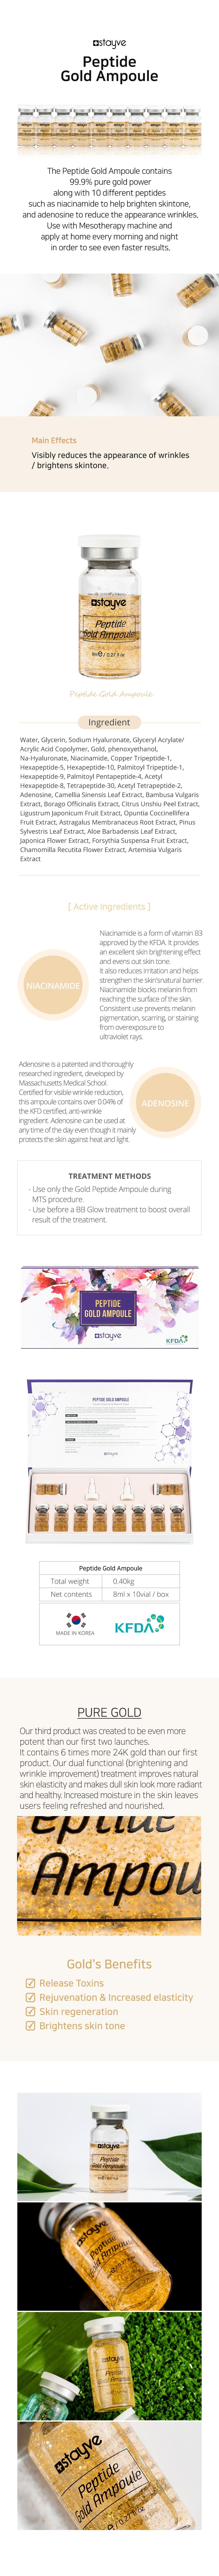 stayve peptide gold Singapore